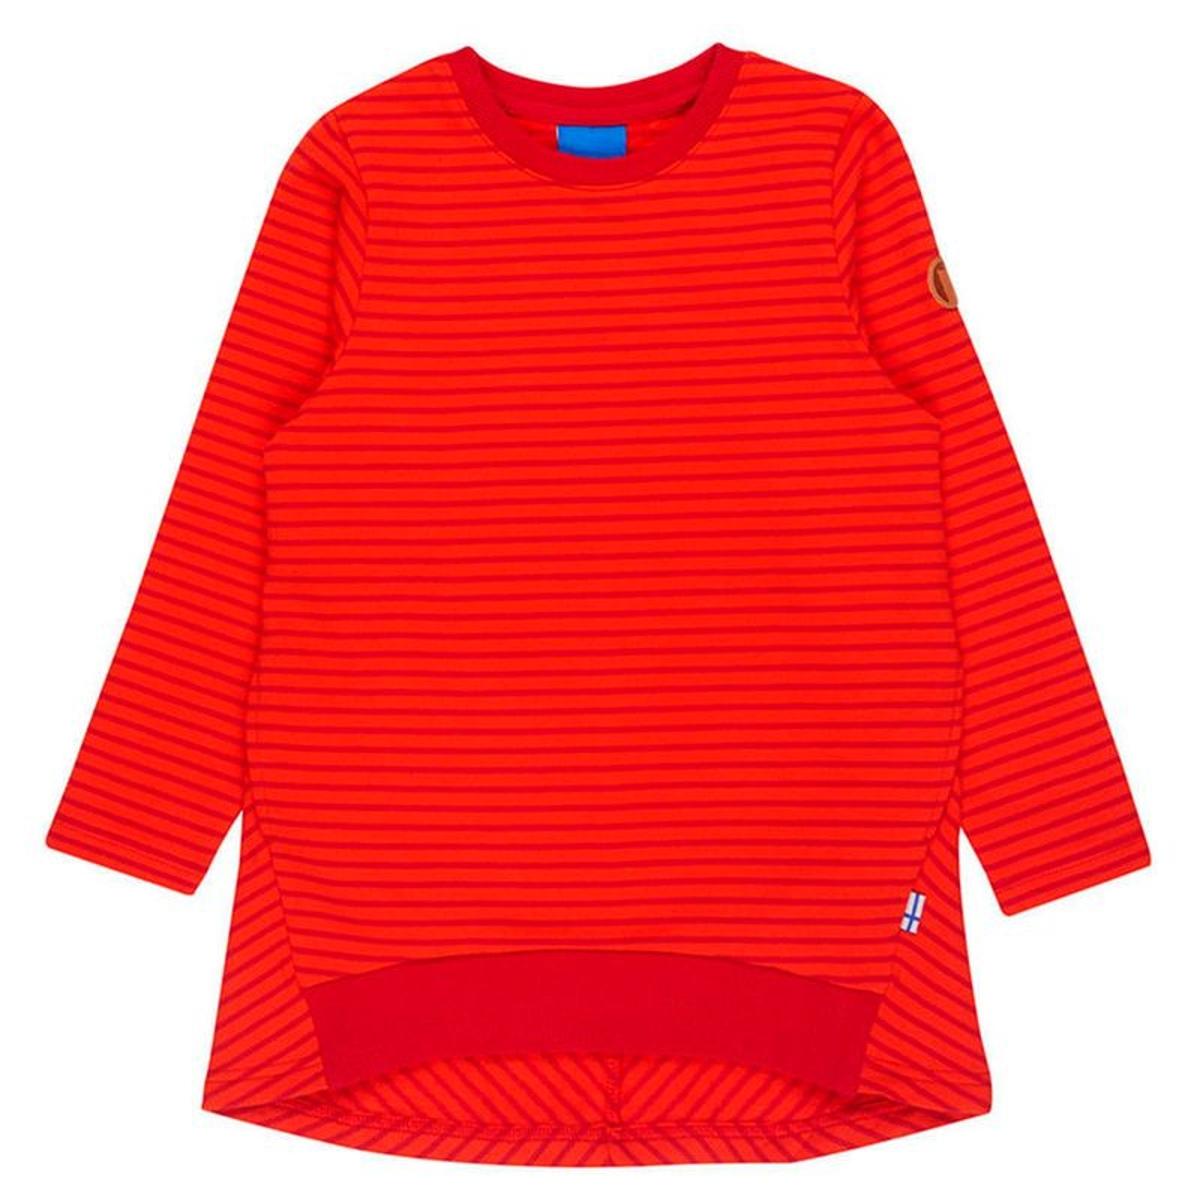 Lumikki - T-shirt manches longues Enfant - rouge